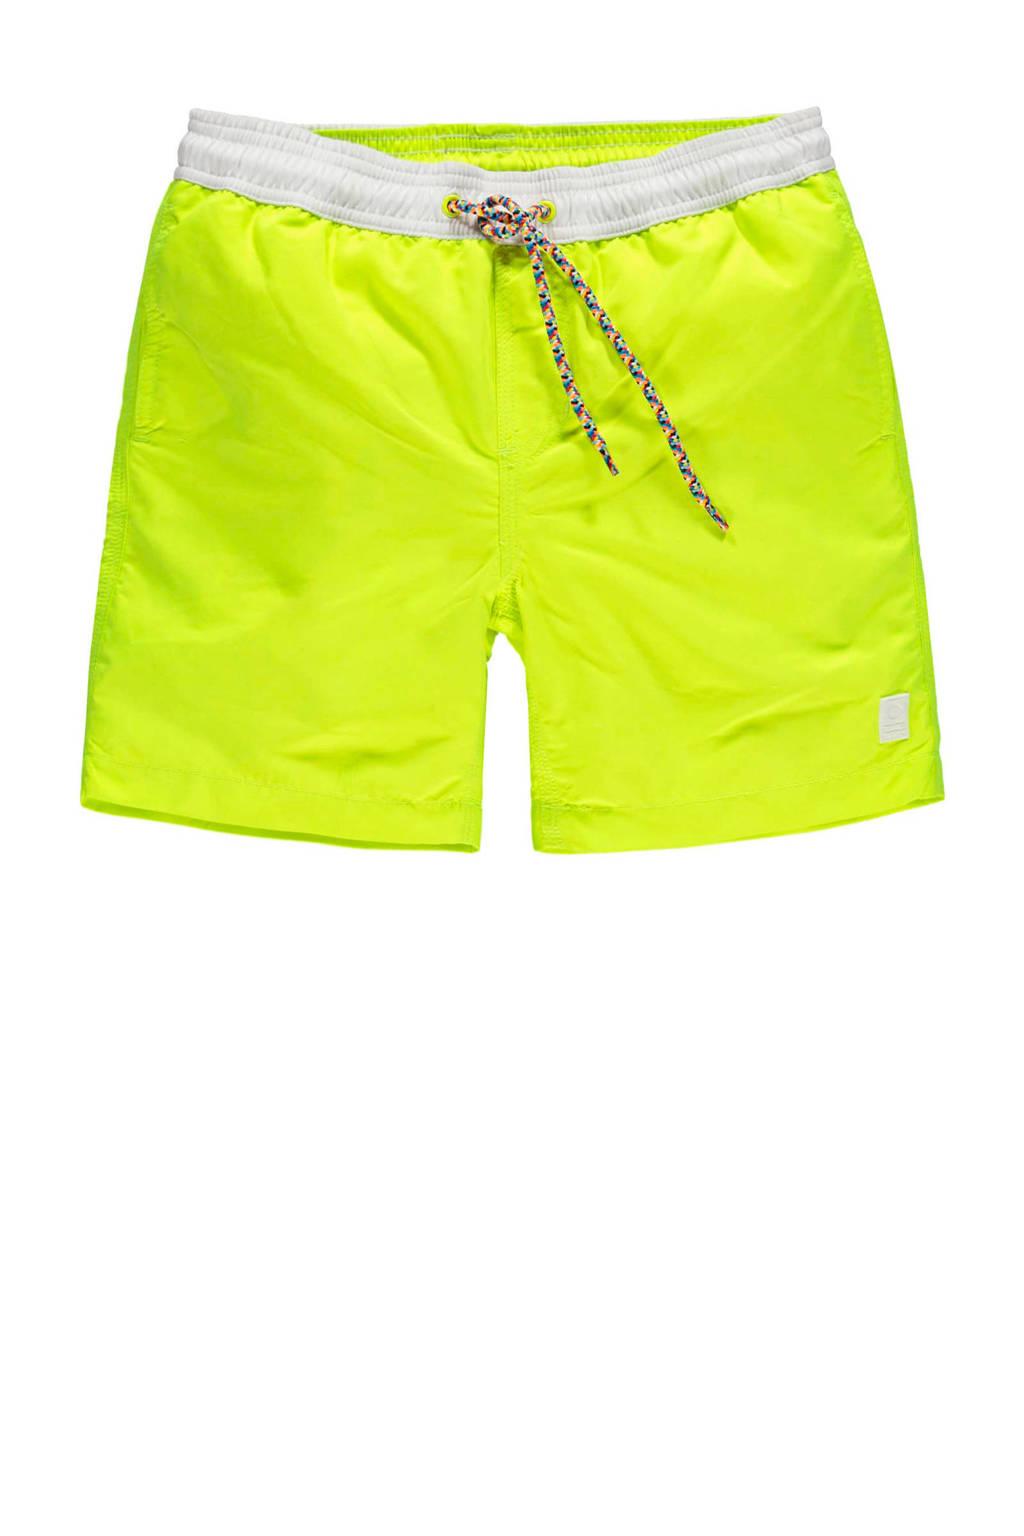 Tumble 'n Dry zwemshort Gally met magic print neon geel, Neon geel